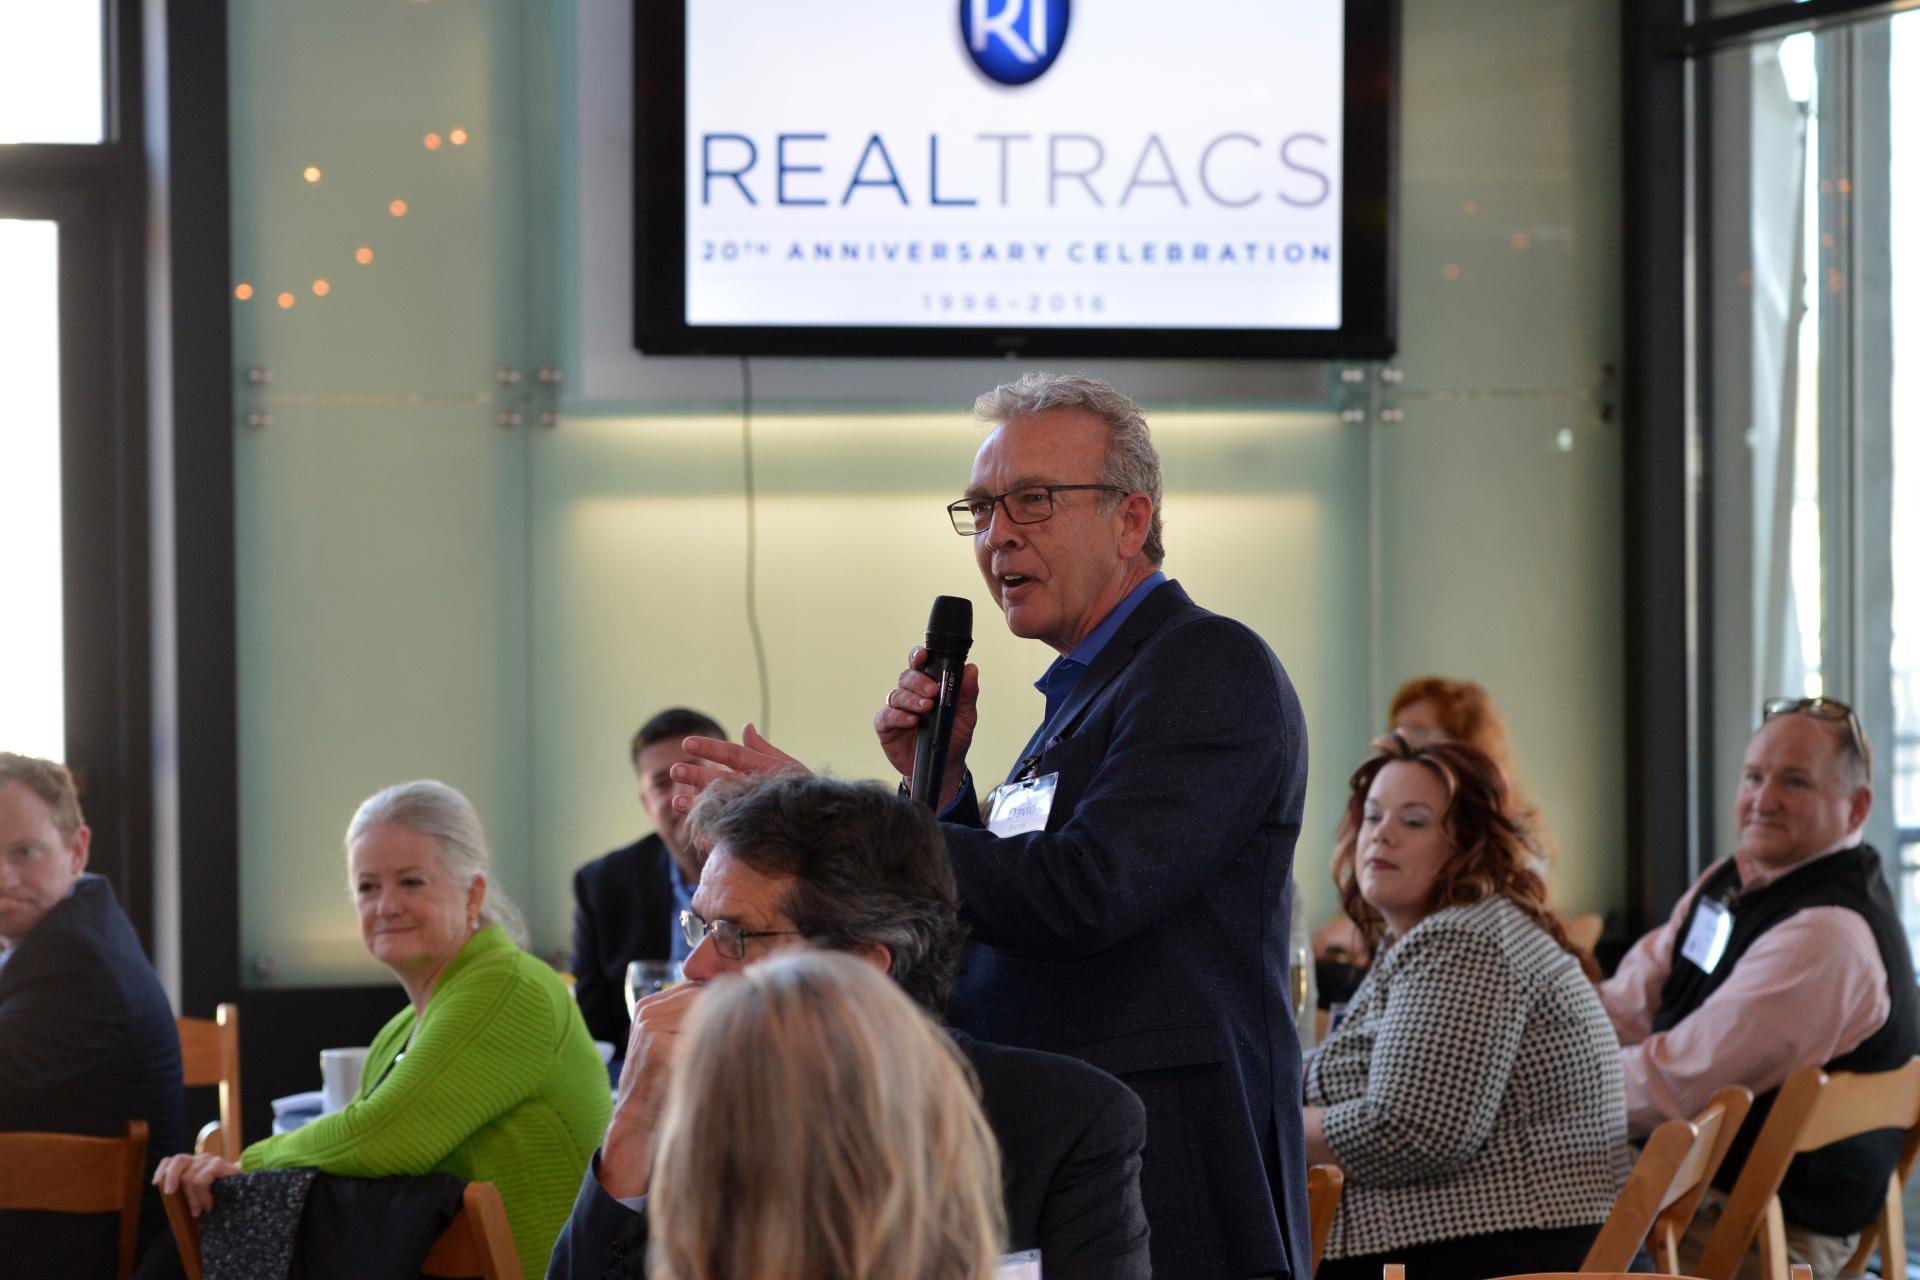 RealTracs 20th Anniversary Celebration Luncheon